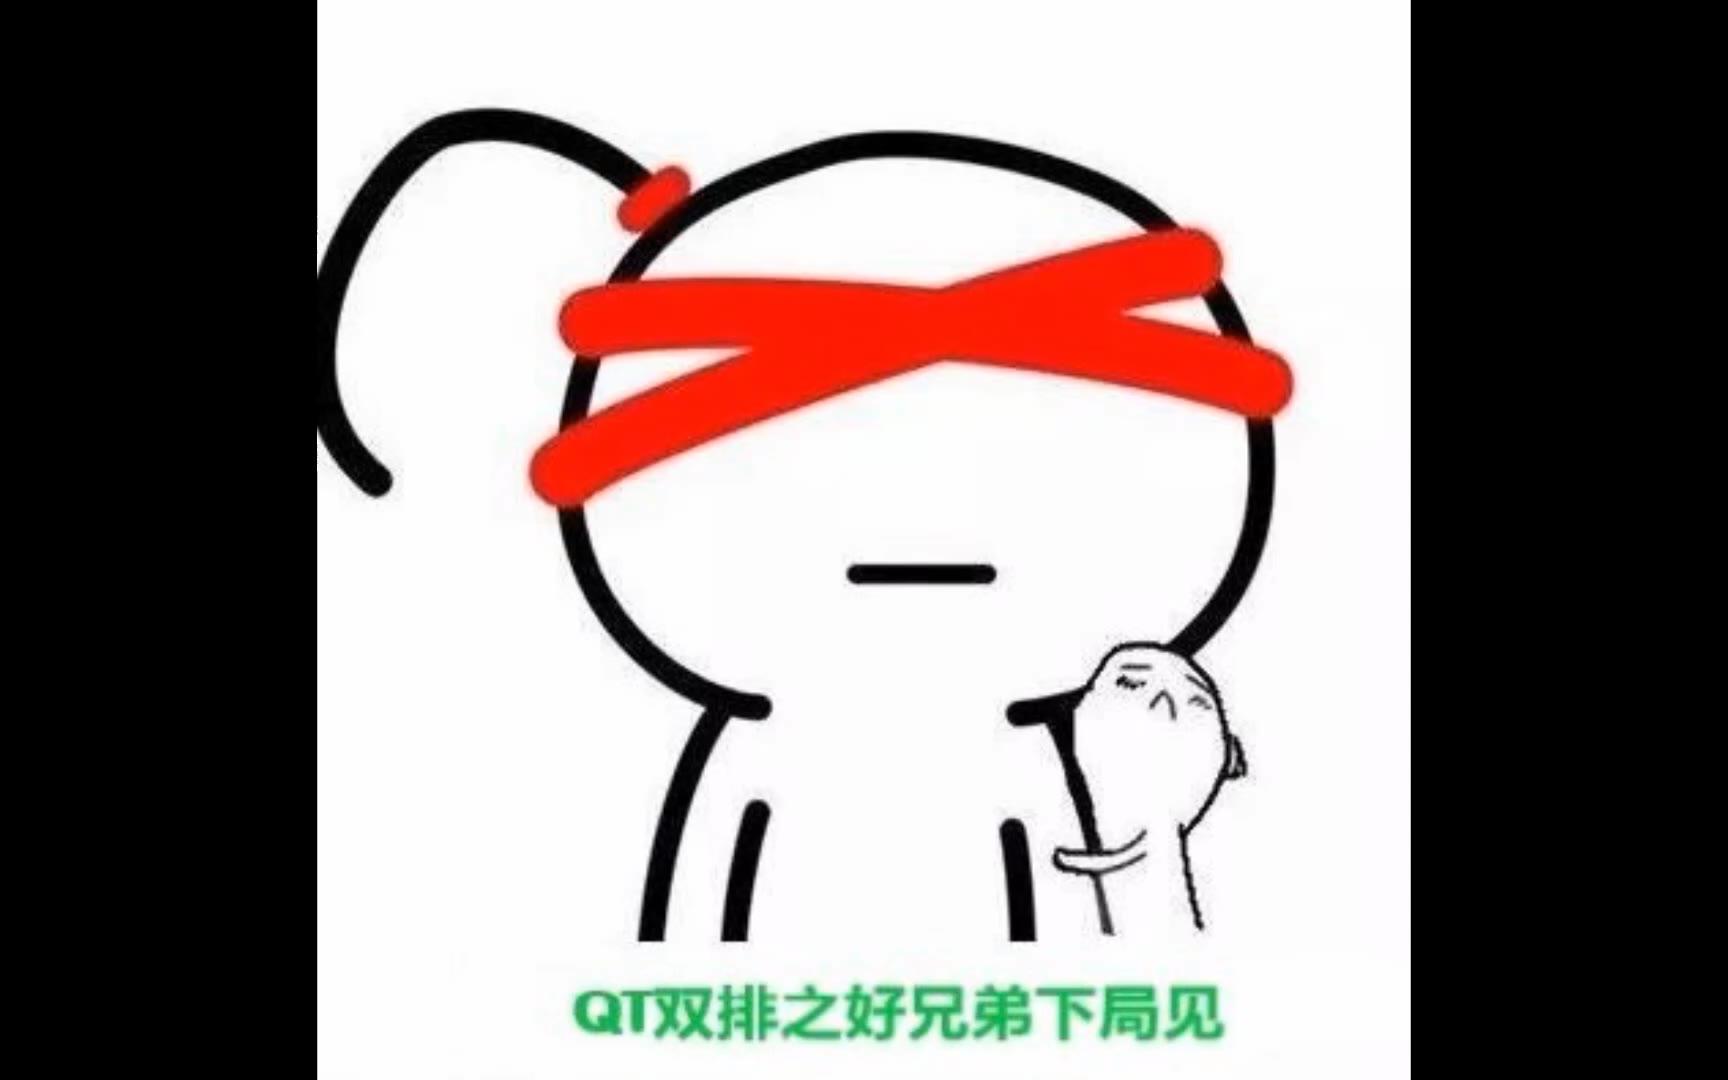 【QYQX直播切片】好兄弟下局见(重置版)